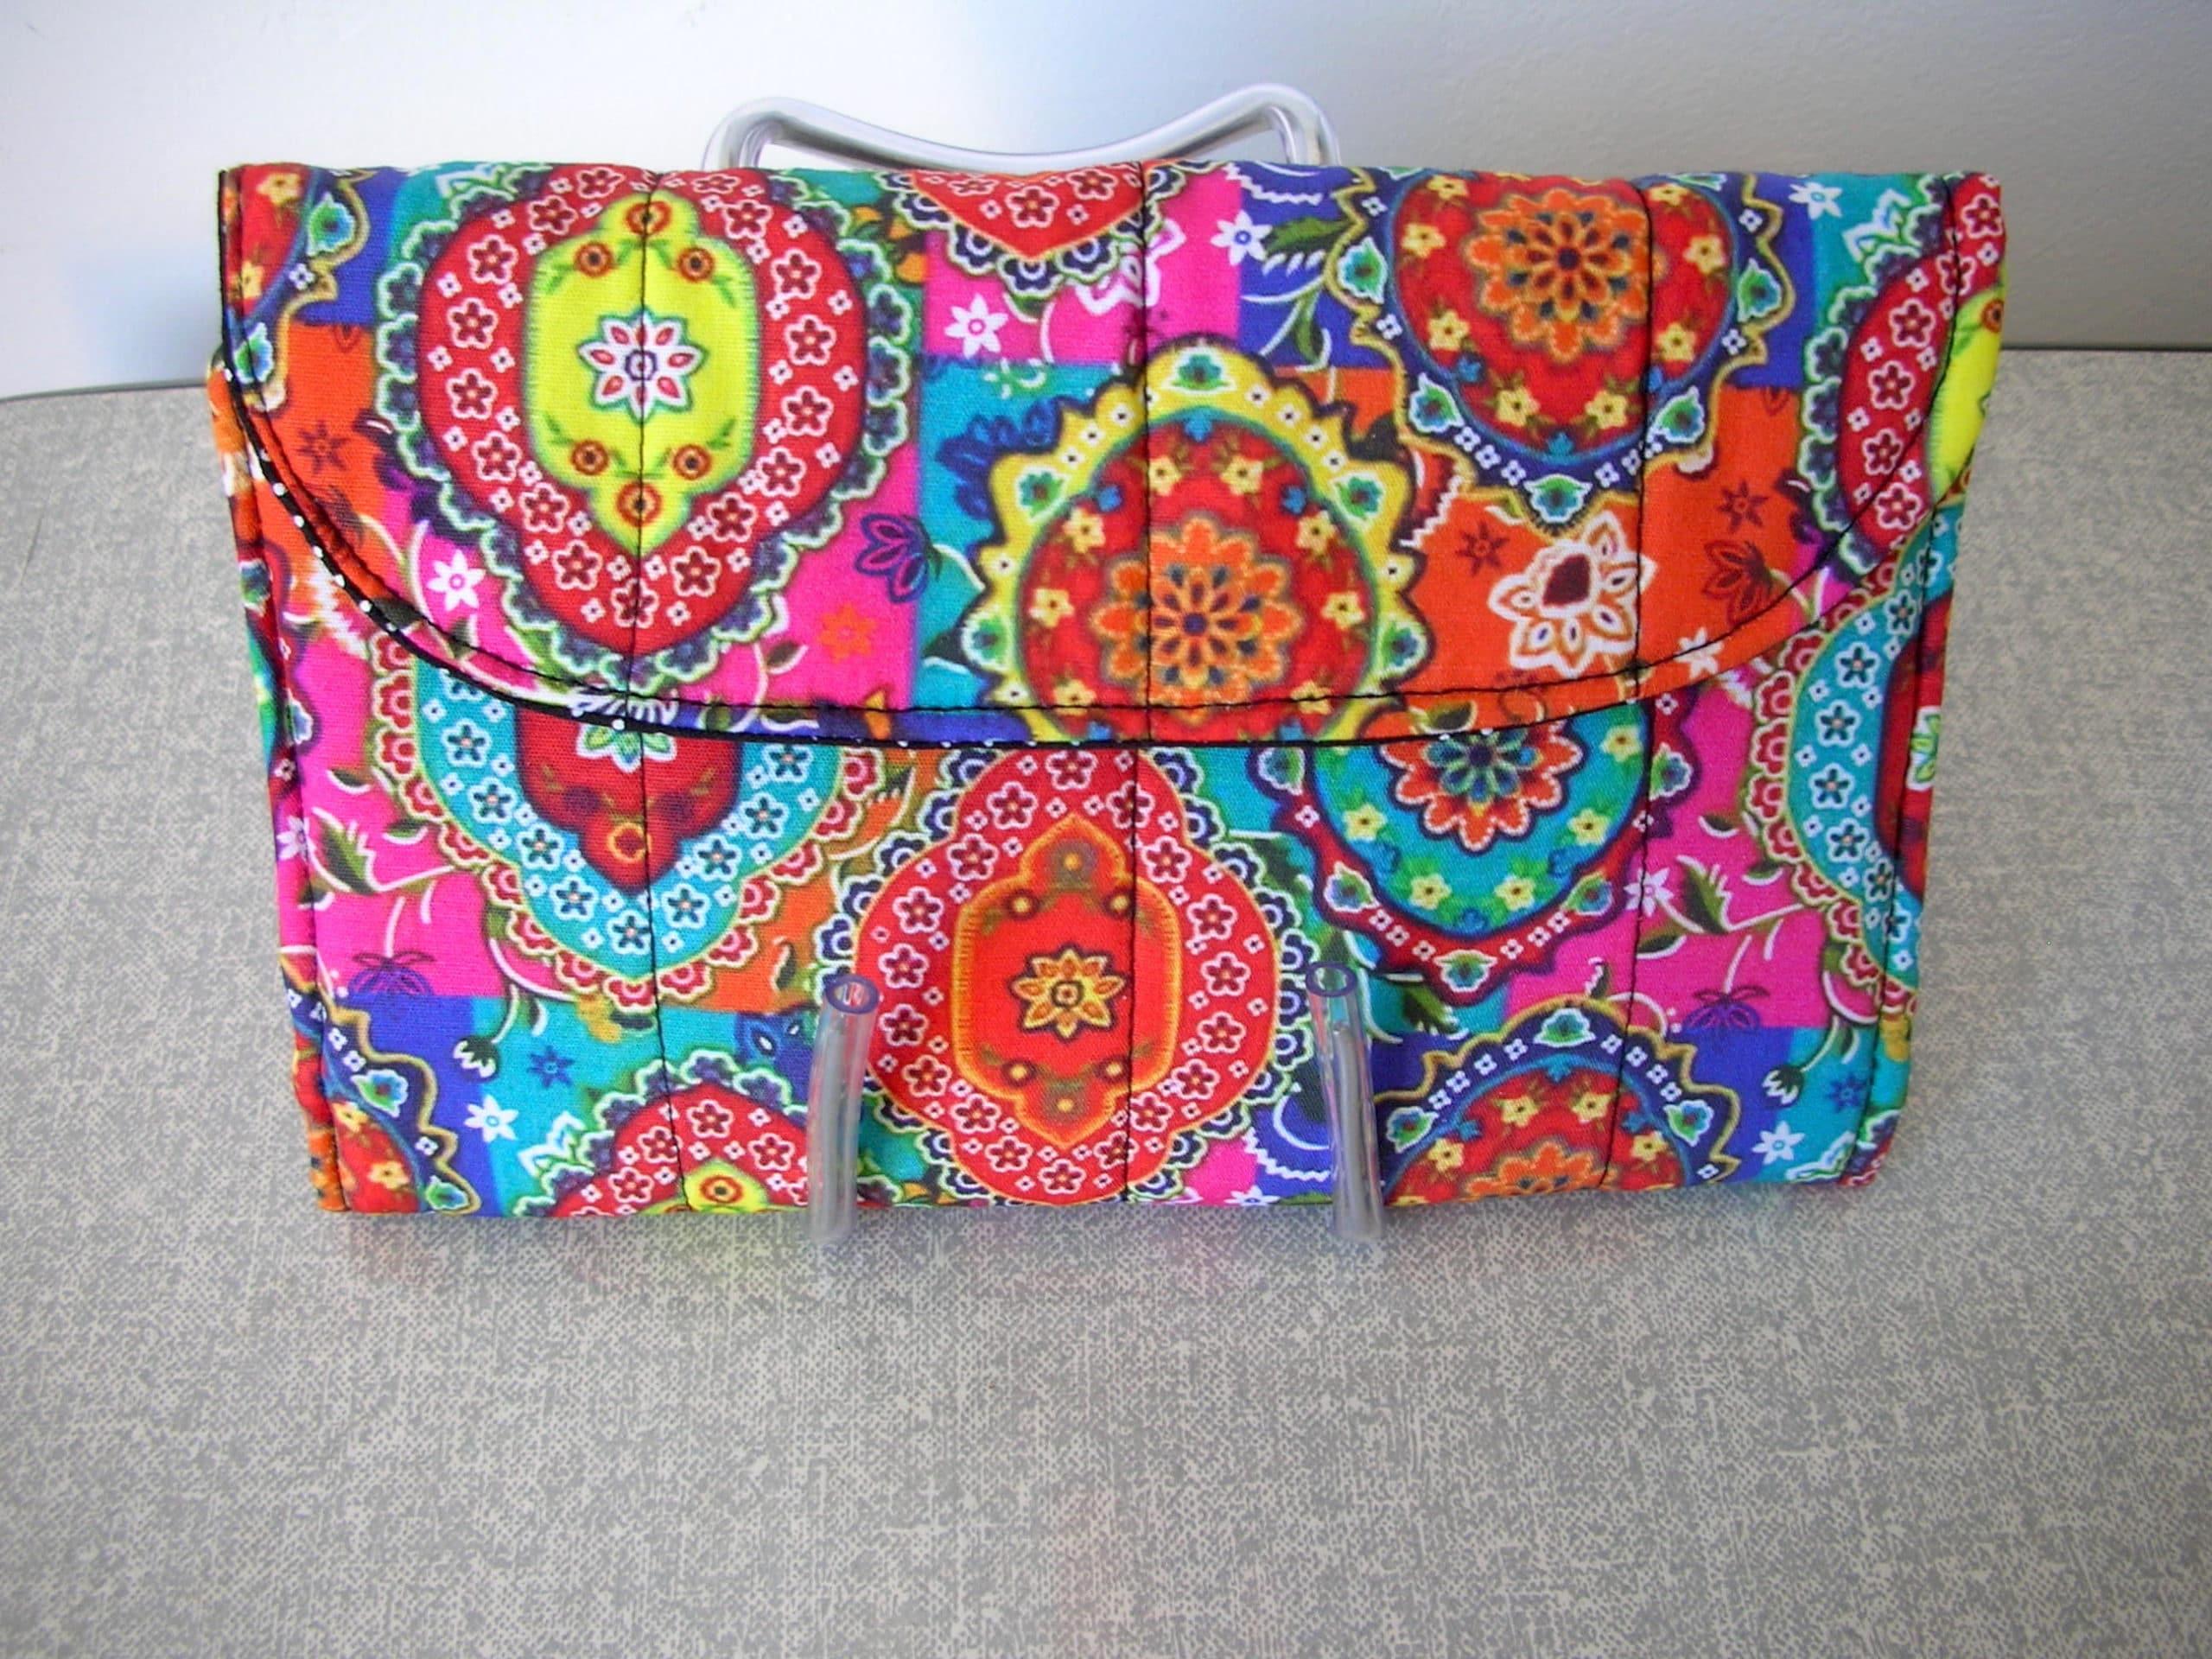 Mimos Feitos à Mão por Cristina Yumi - embudasartes.net - Tudo sobre Embu das Artes